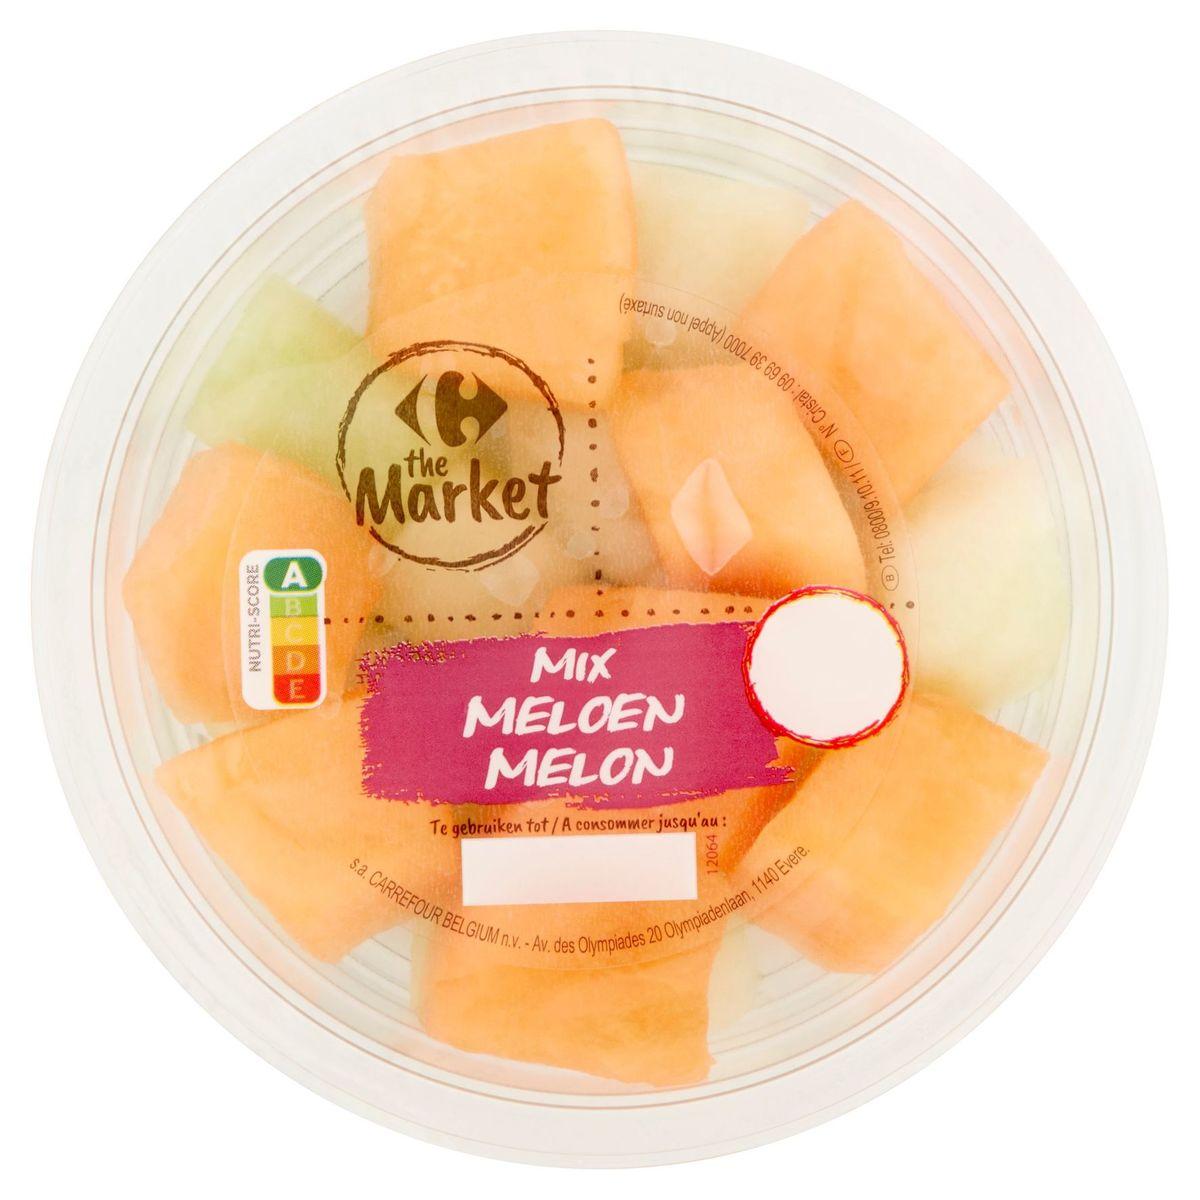 Carrefour The Market Mix Melon 200 g